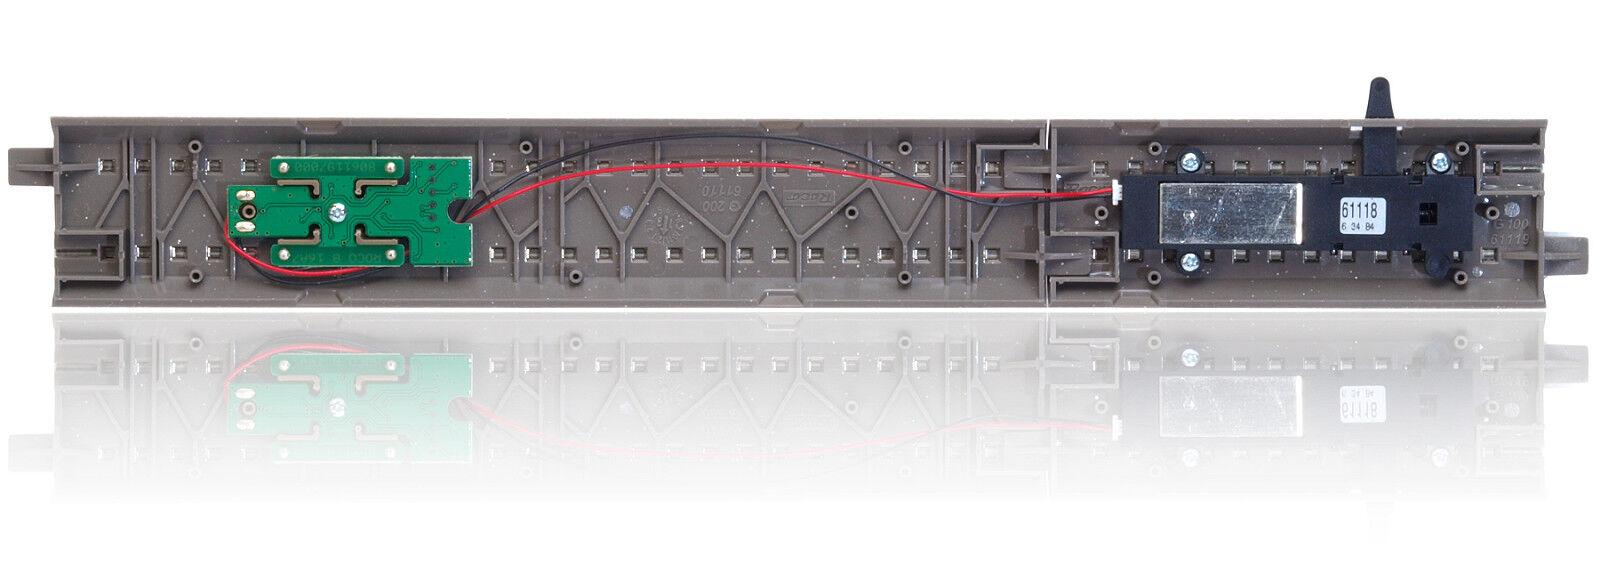 Roco 61118 H0 H0 H0 Entkupplungsgleis mit Antrieb und Decoder  NEU  | Sale Düsseldorf  de2f1f